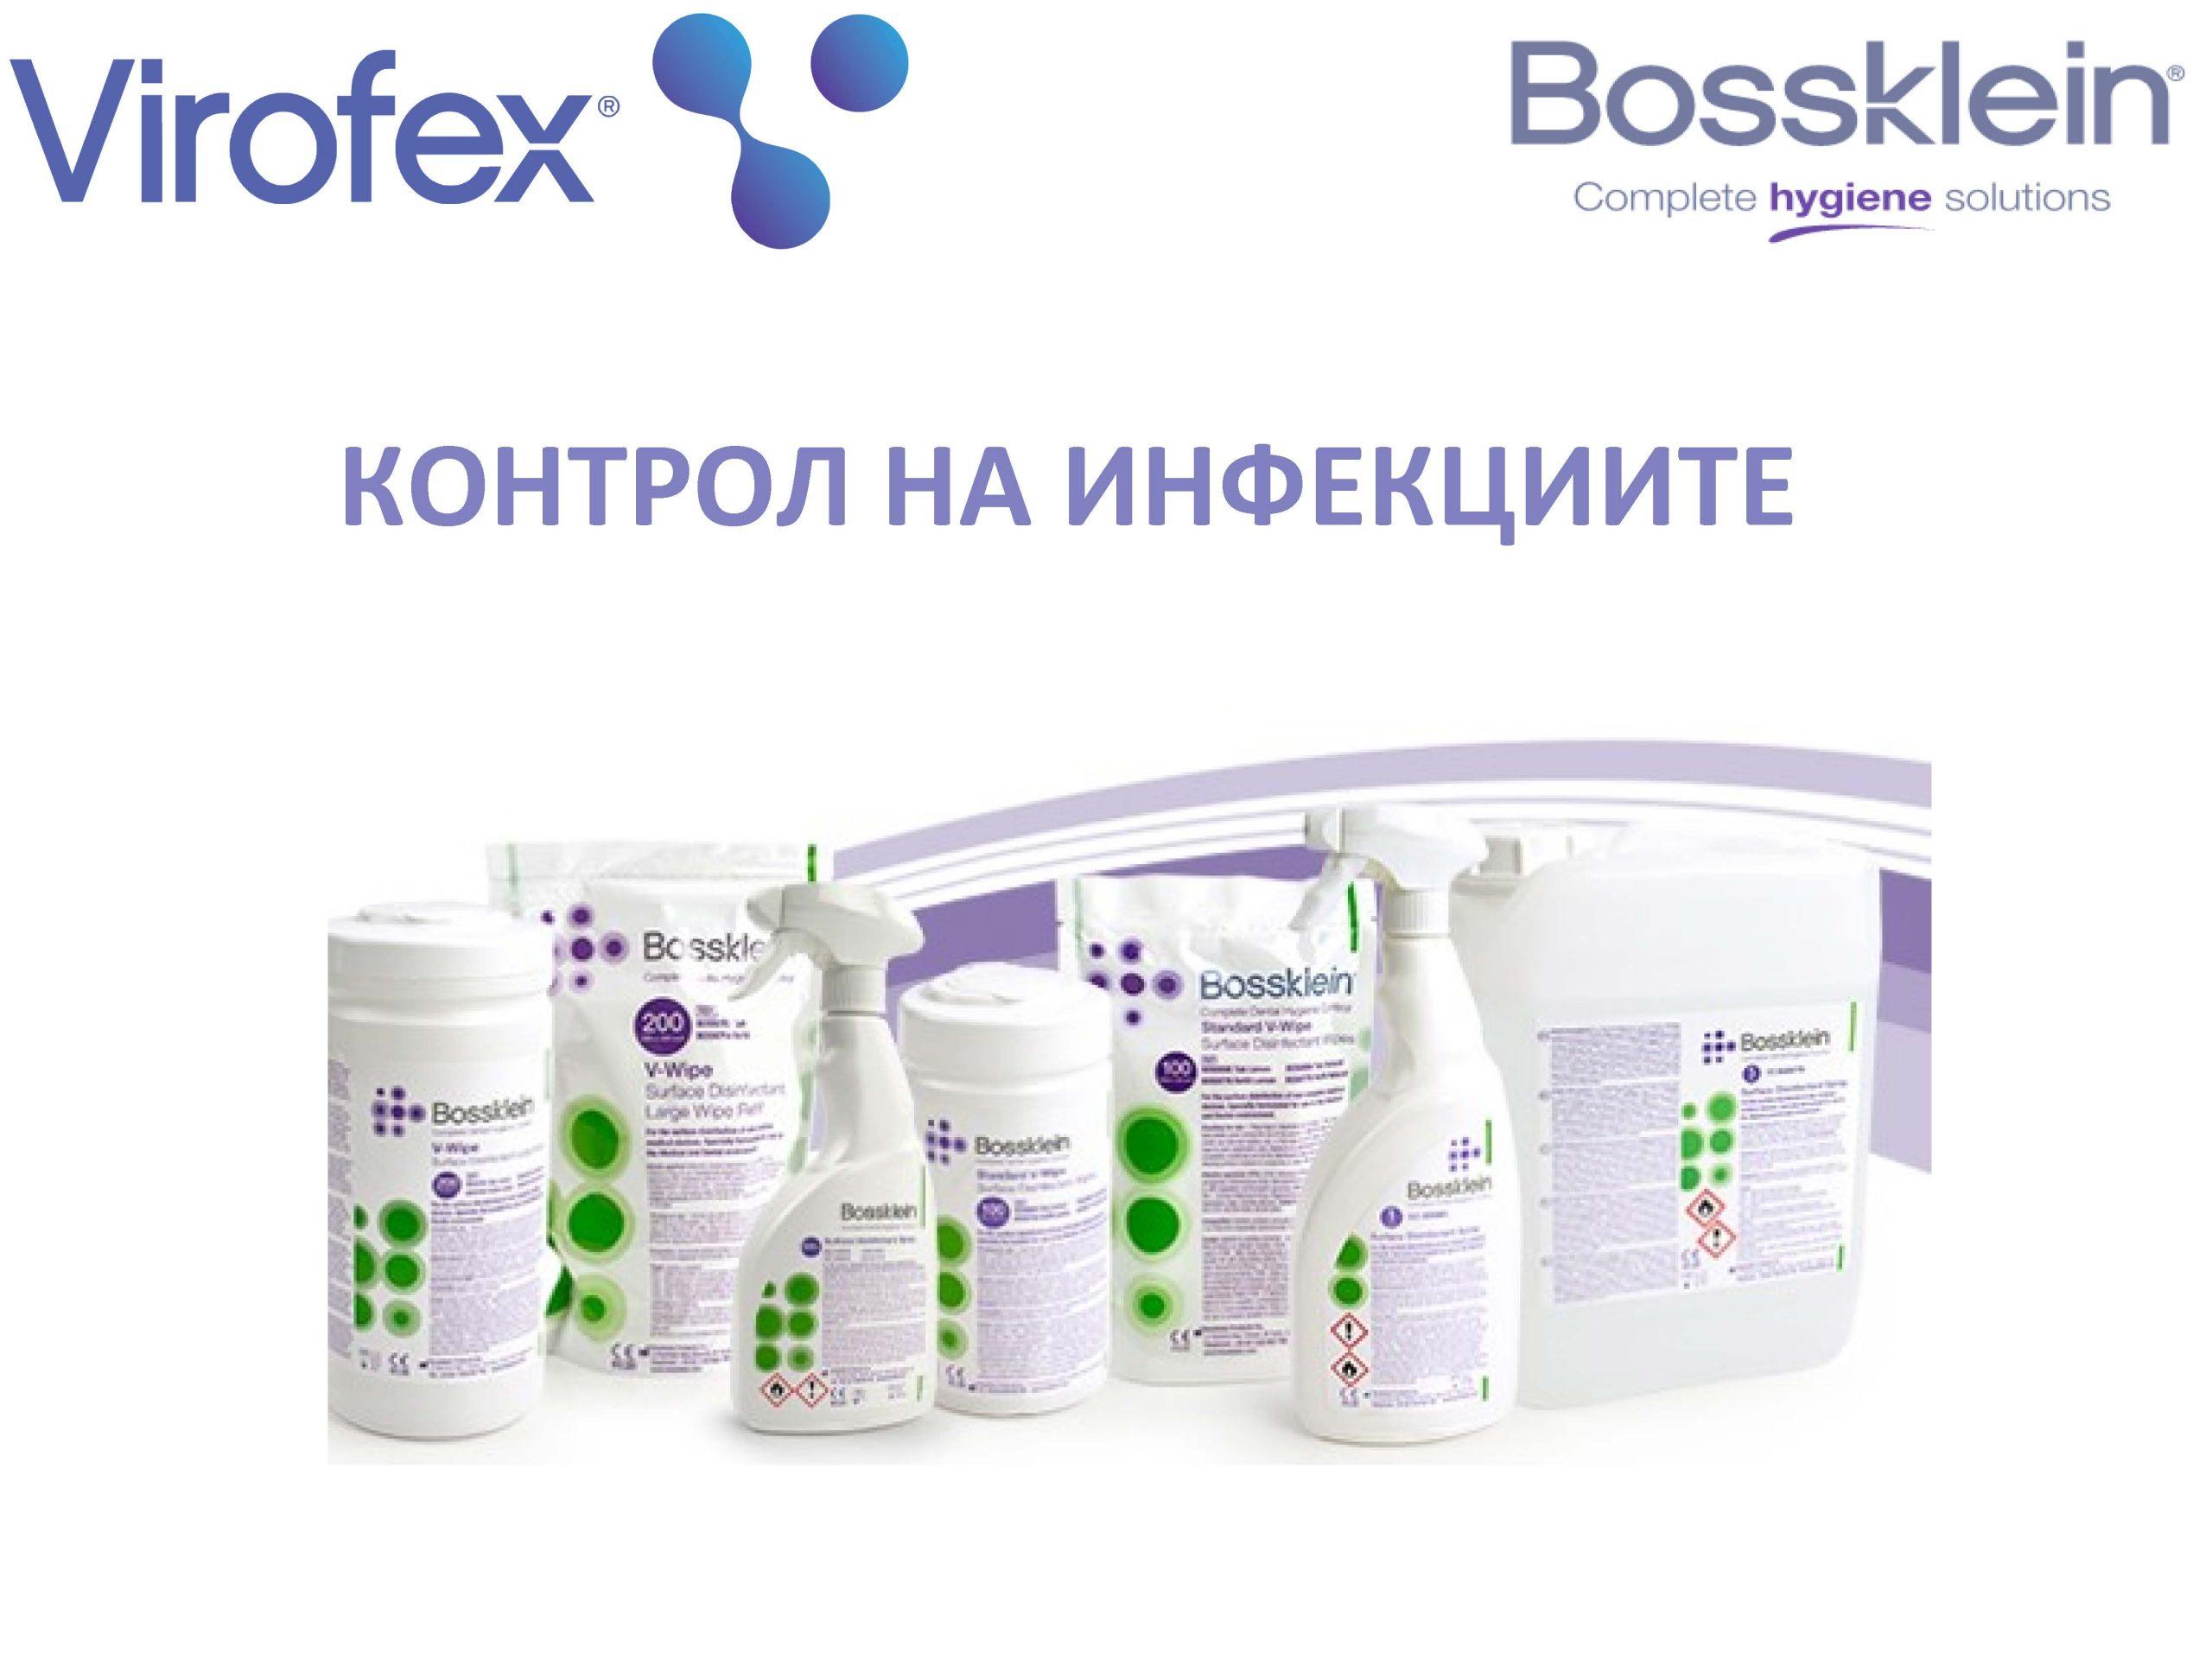 Справочник за избор и употреба на дезинфектанти и контрол на инфекциите